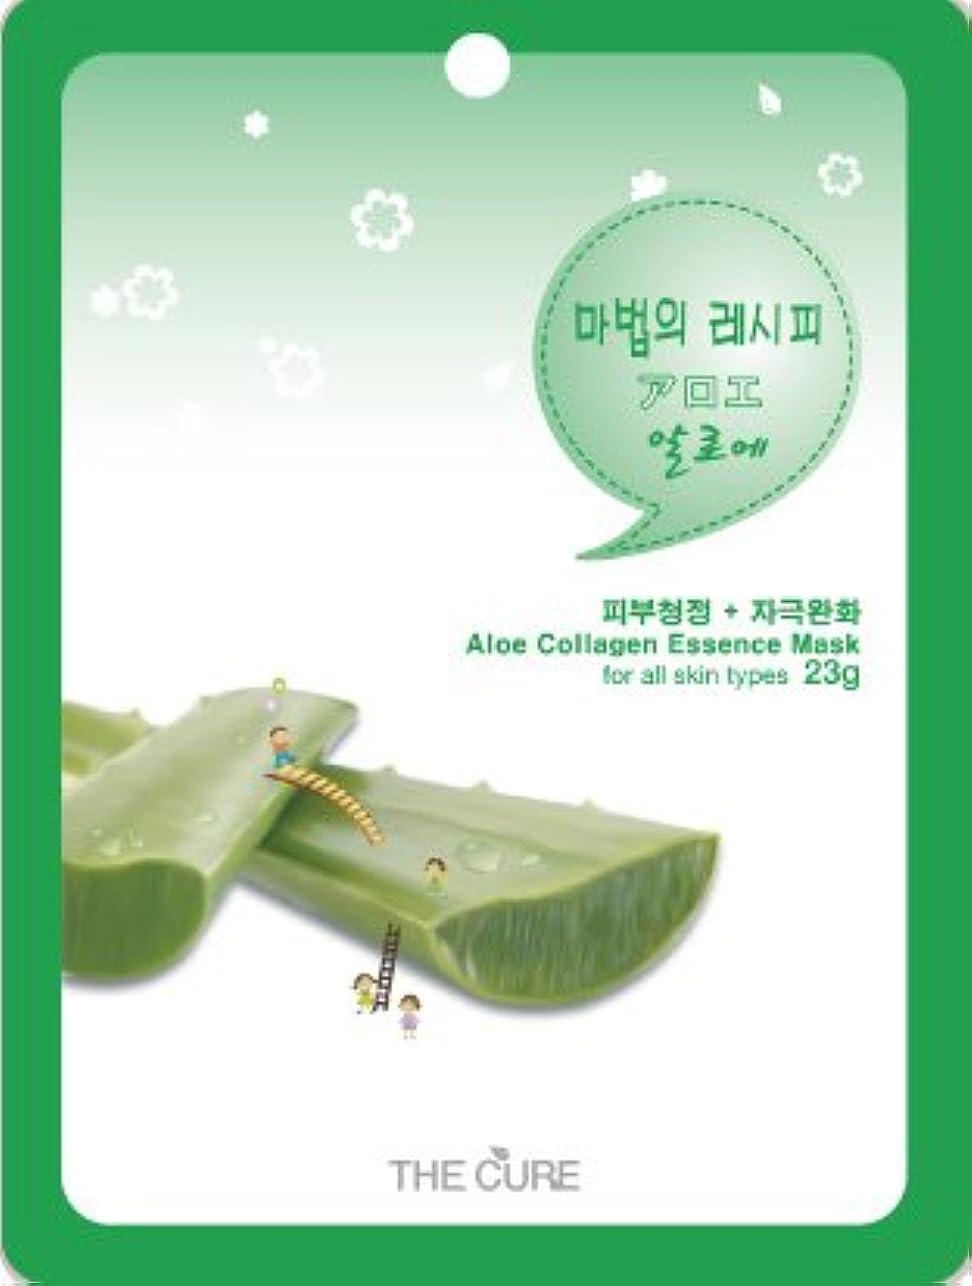 アイデア種類領事館アロエ コラーゲン エッセンス マスク THE CURE シート パック 10枚セット 韓国 コスメ 乾燥肌 オイリー肌 混合肌